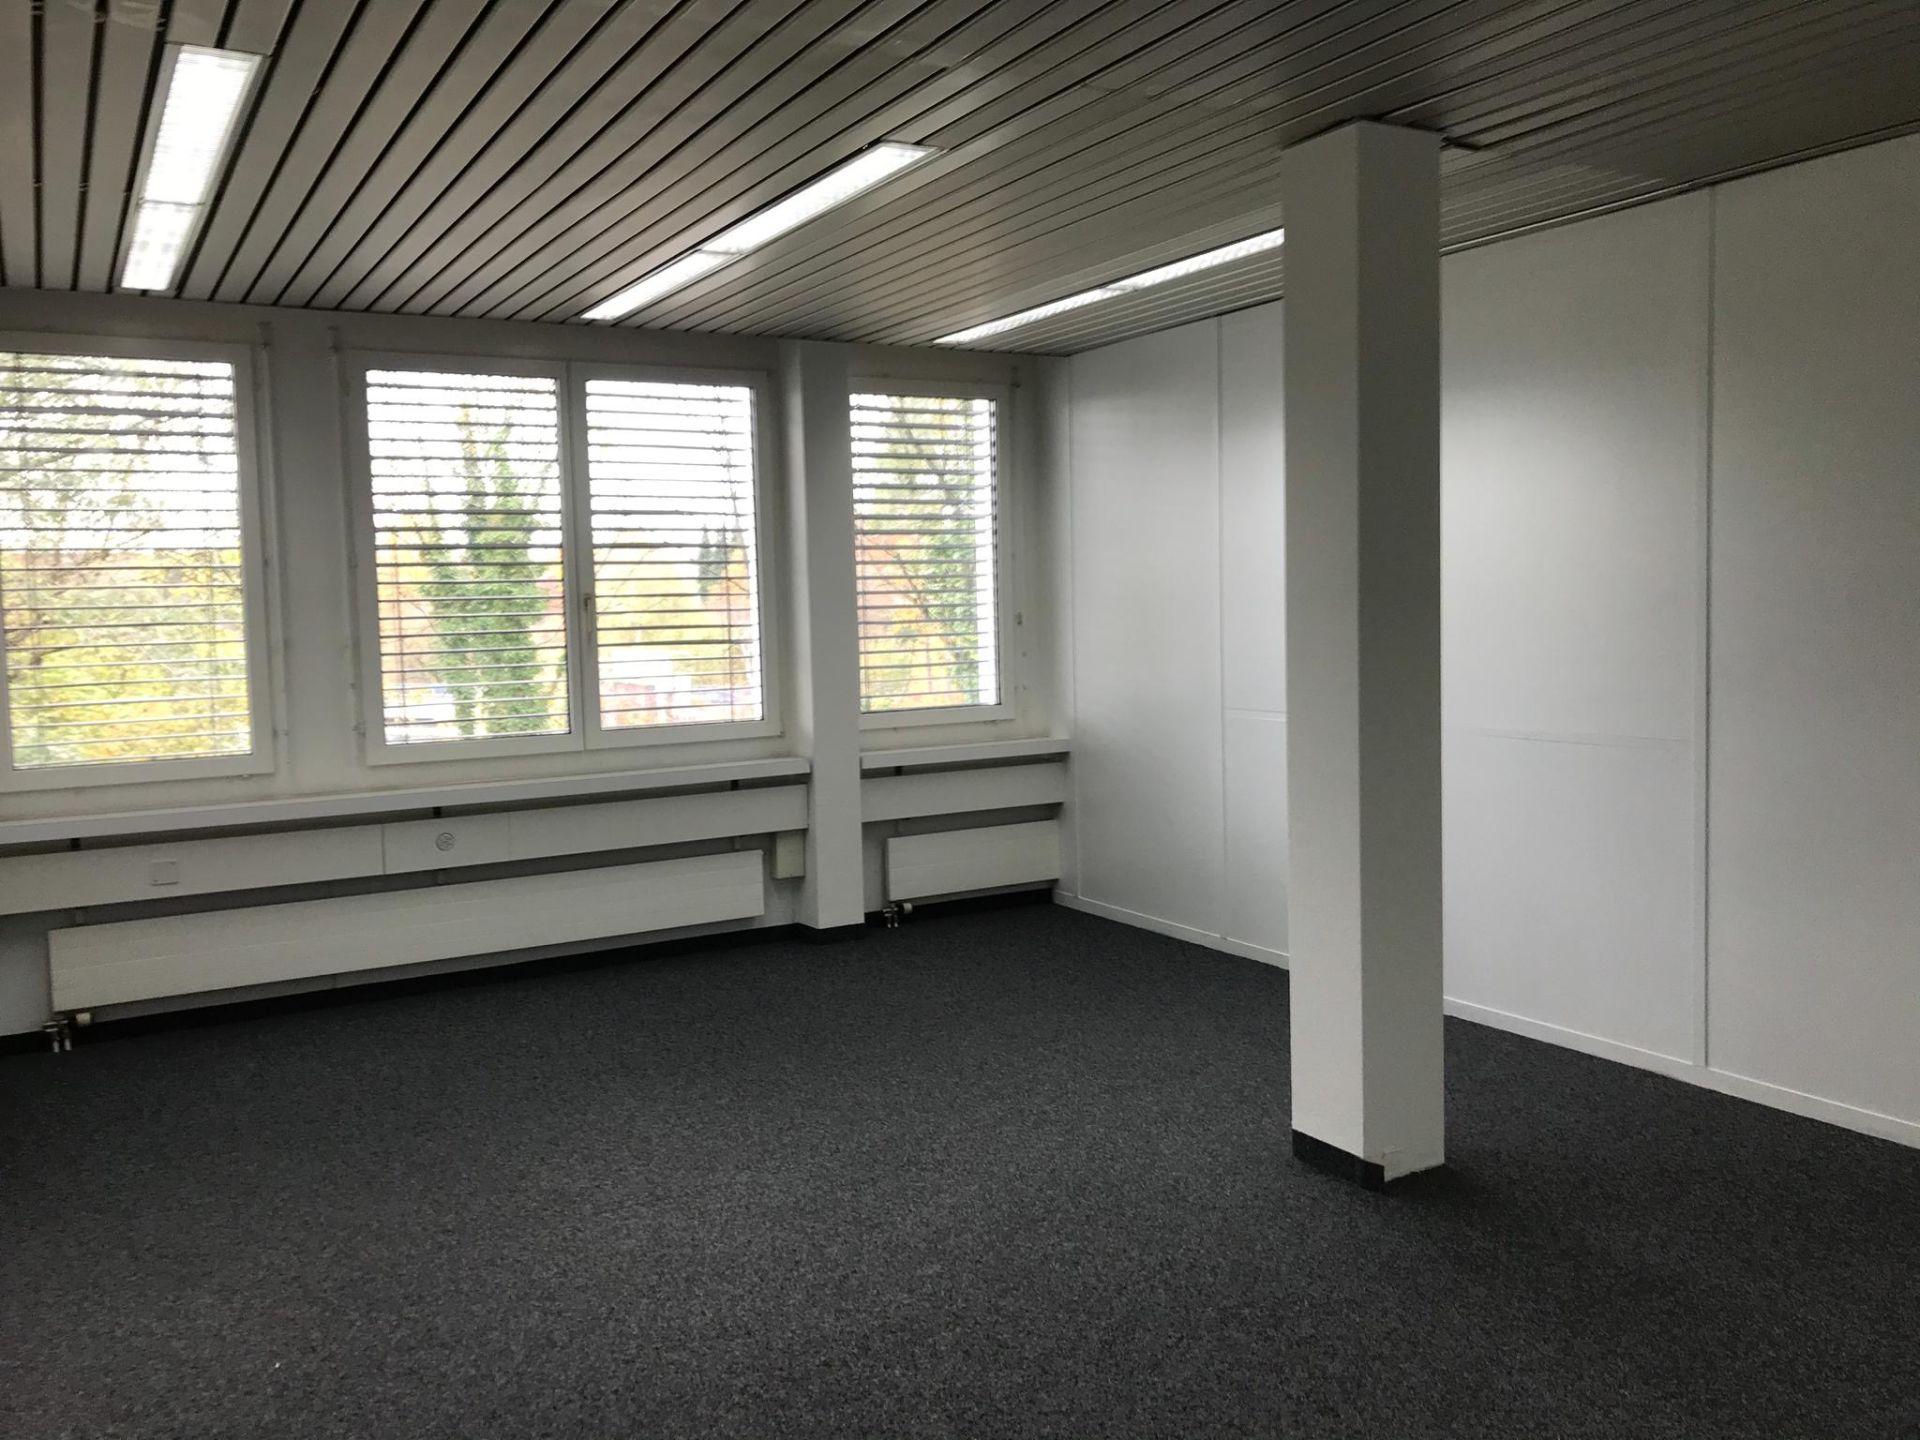 Miete: 90 m2 Bürofläche